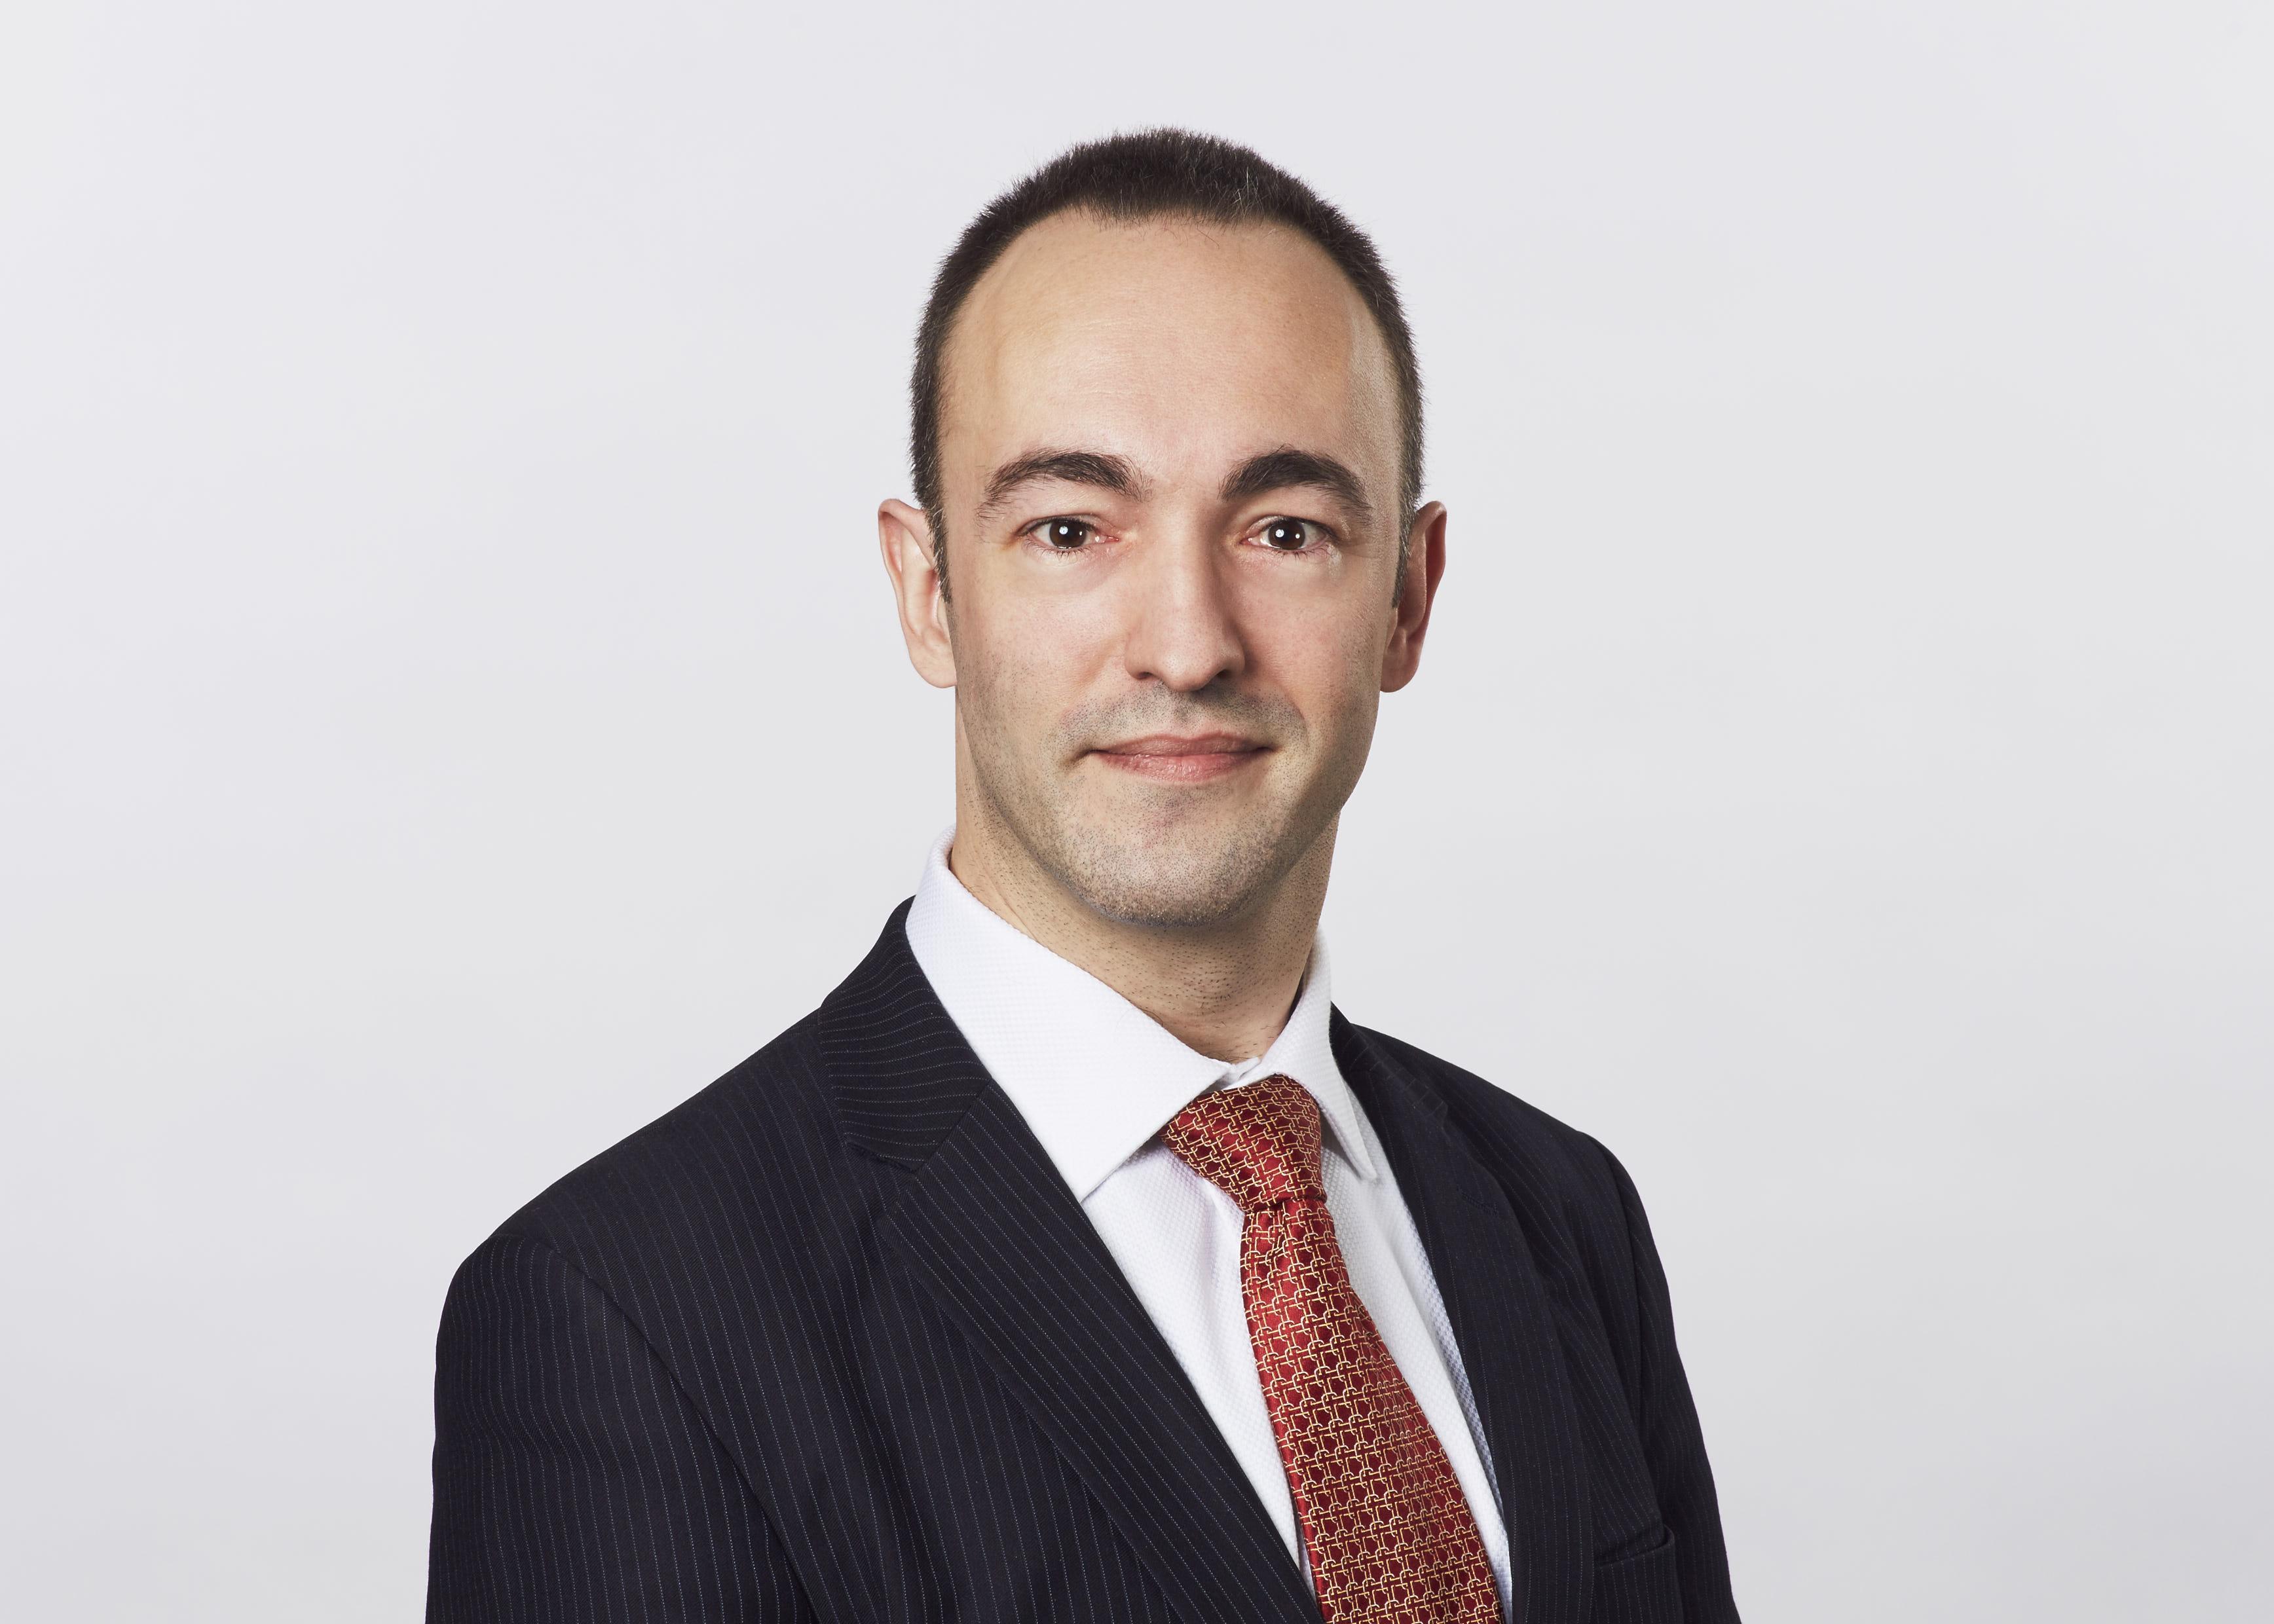 GIORGIO BALDASSARRI - Supervision, Risks & Profitability